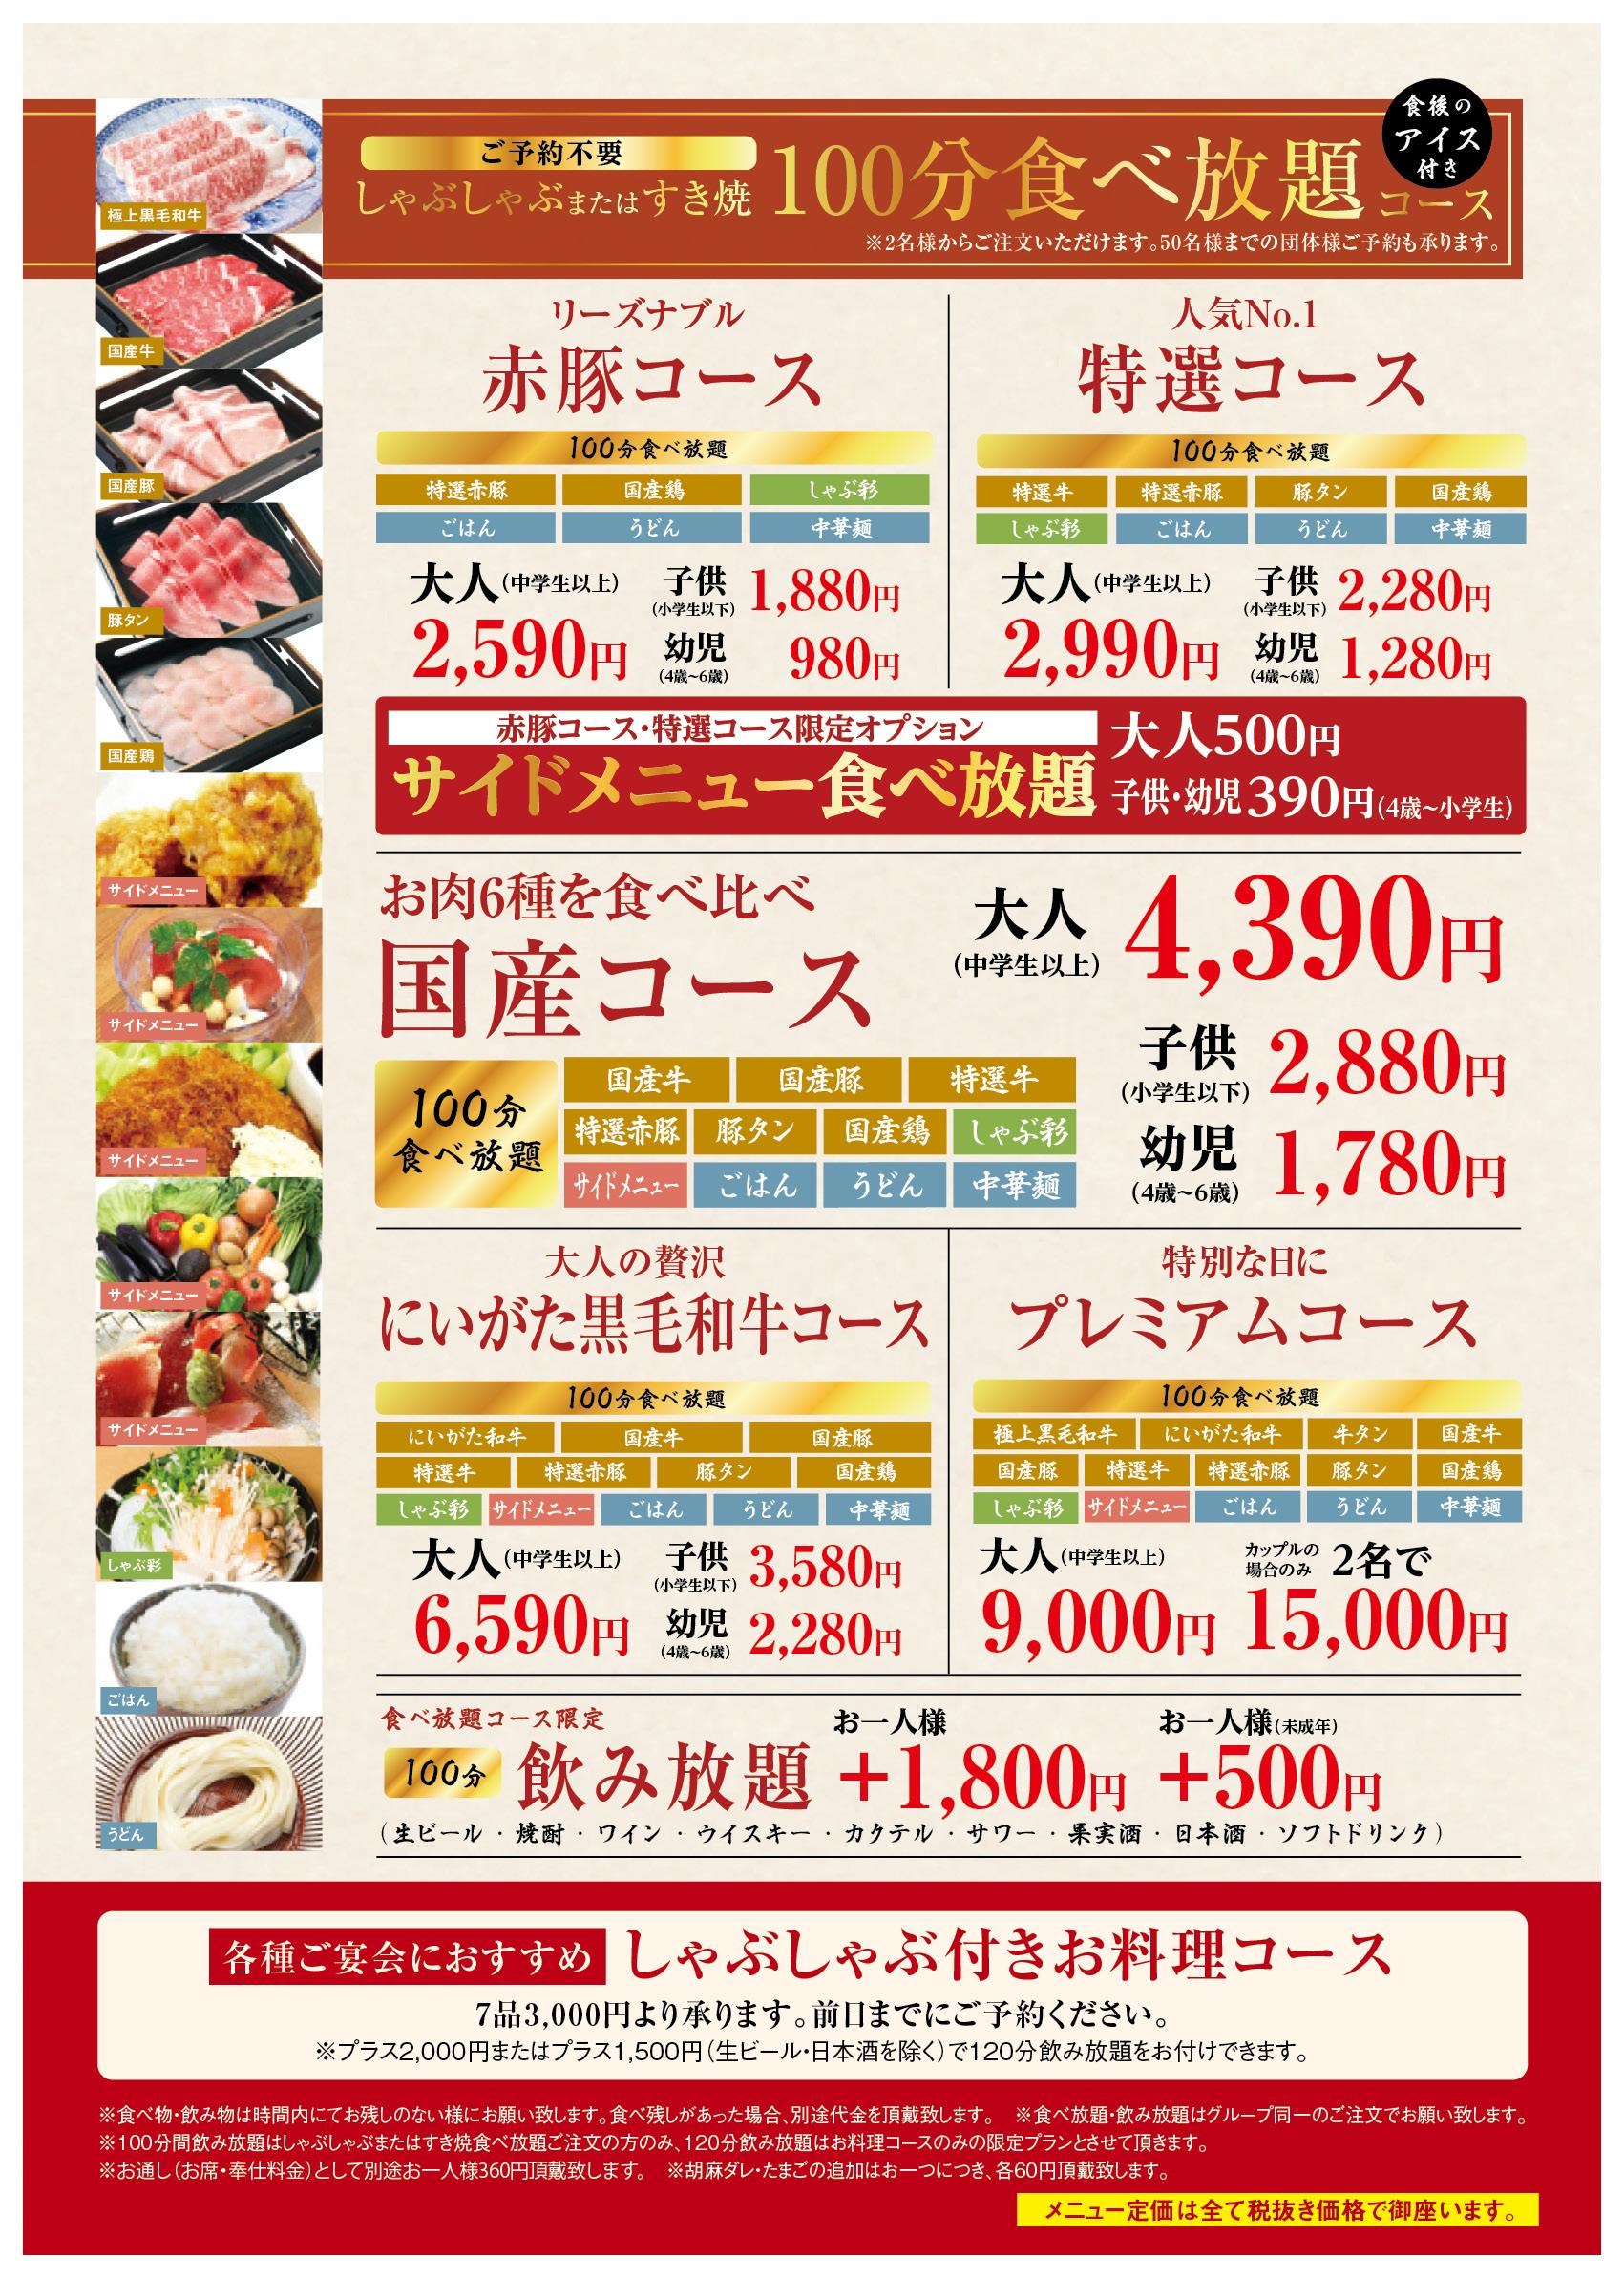 メニュー 食べ放題01